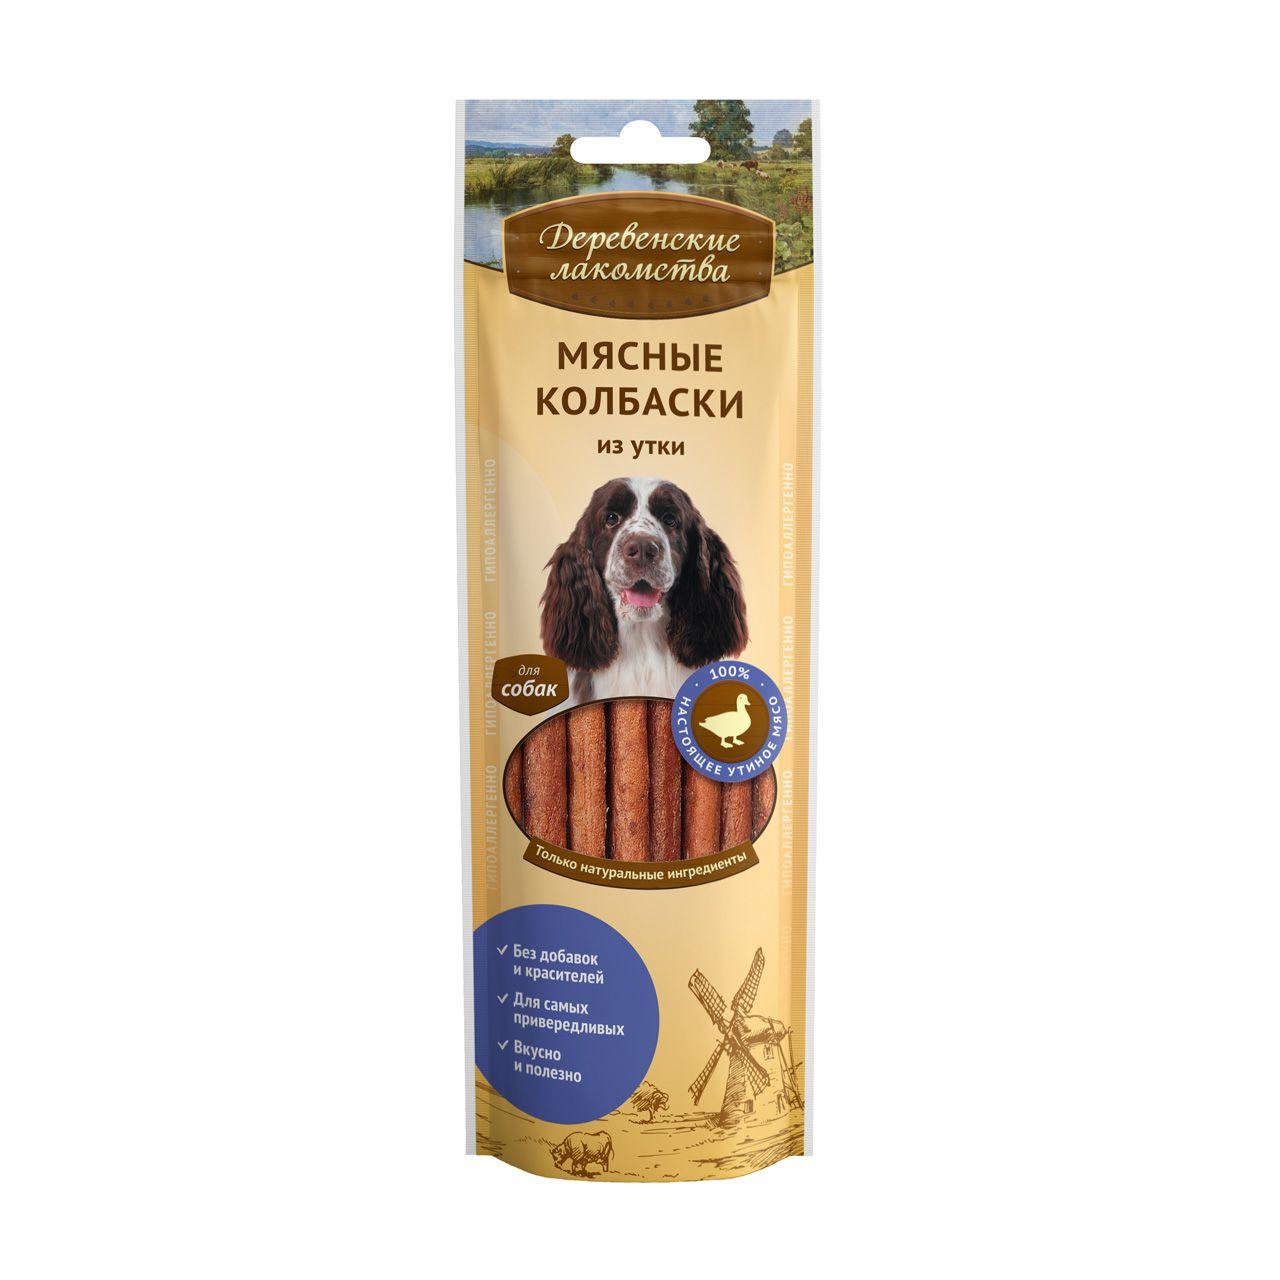 Мясные колбаски из утки Деревенские лакомства для собак